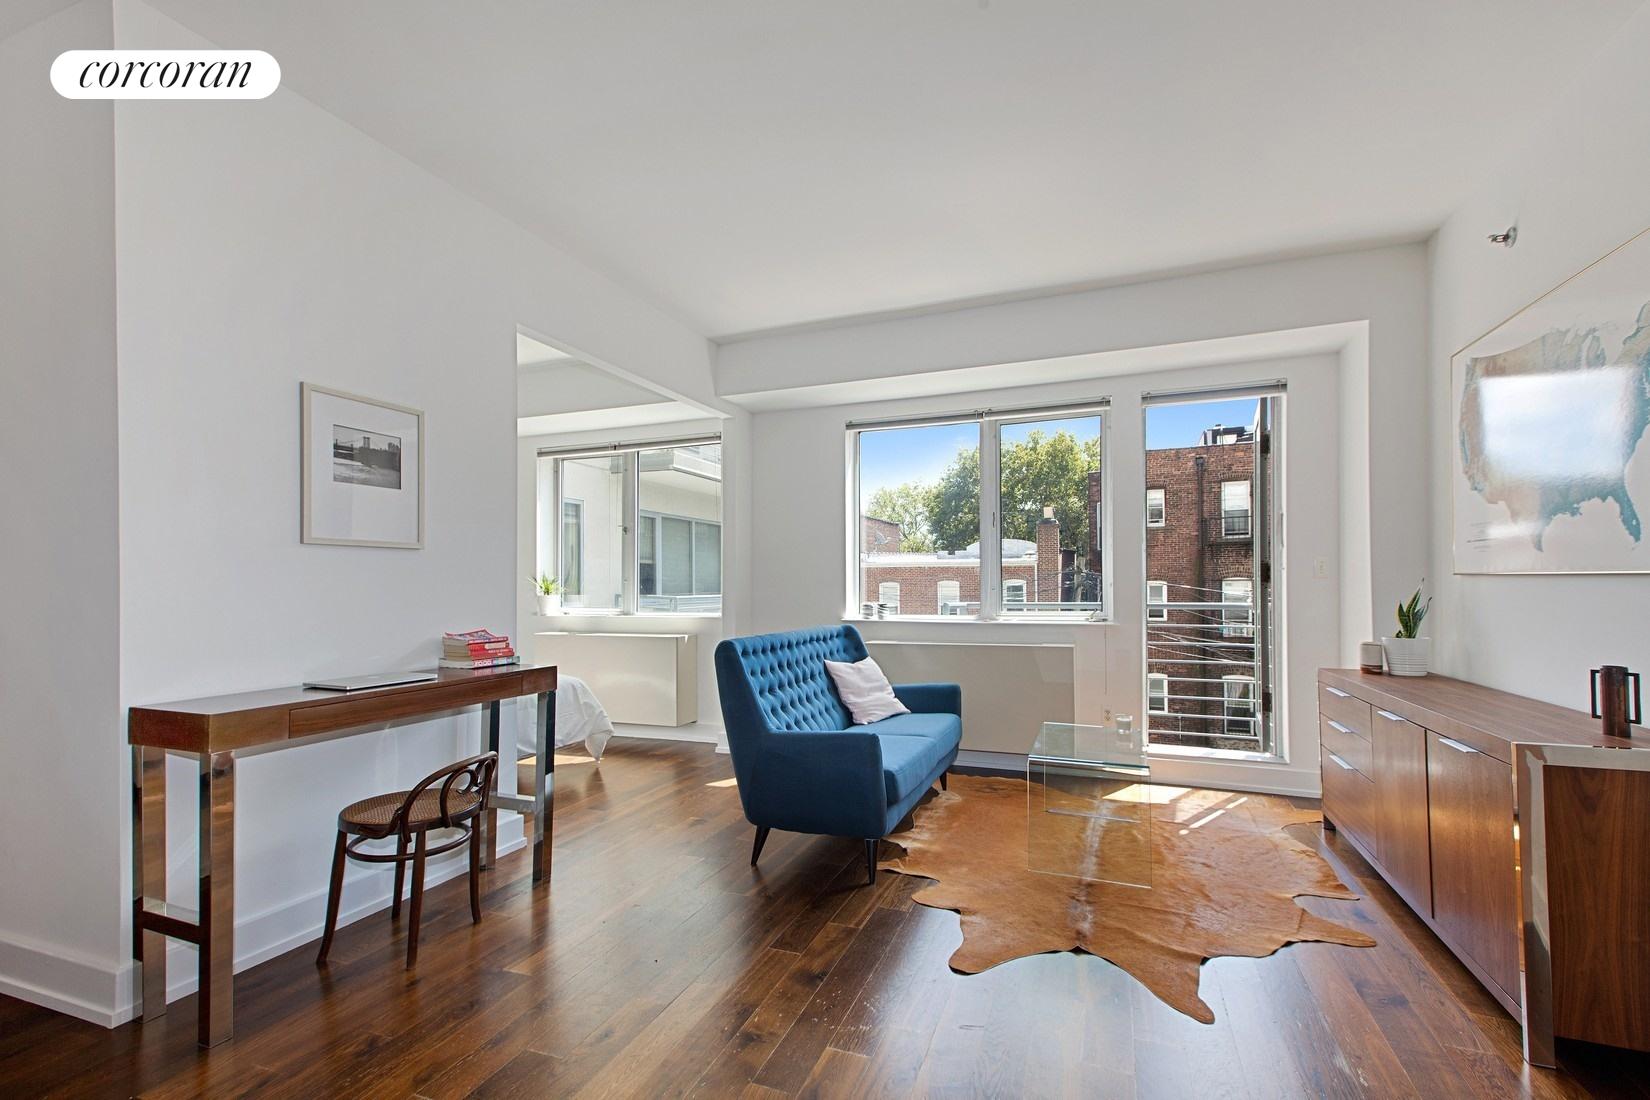 100 Maspeth Avenue, Apt 3O, Brooklyn, New York 11211